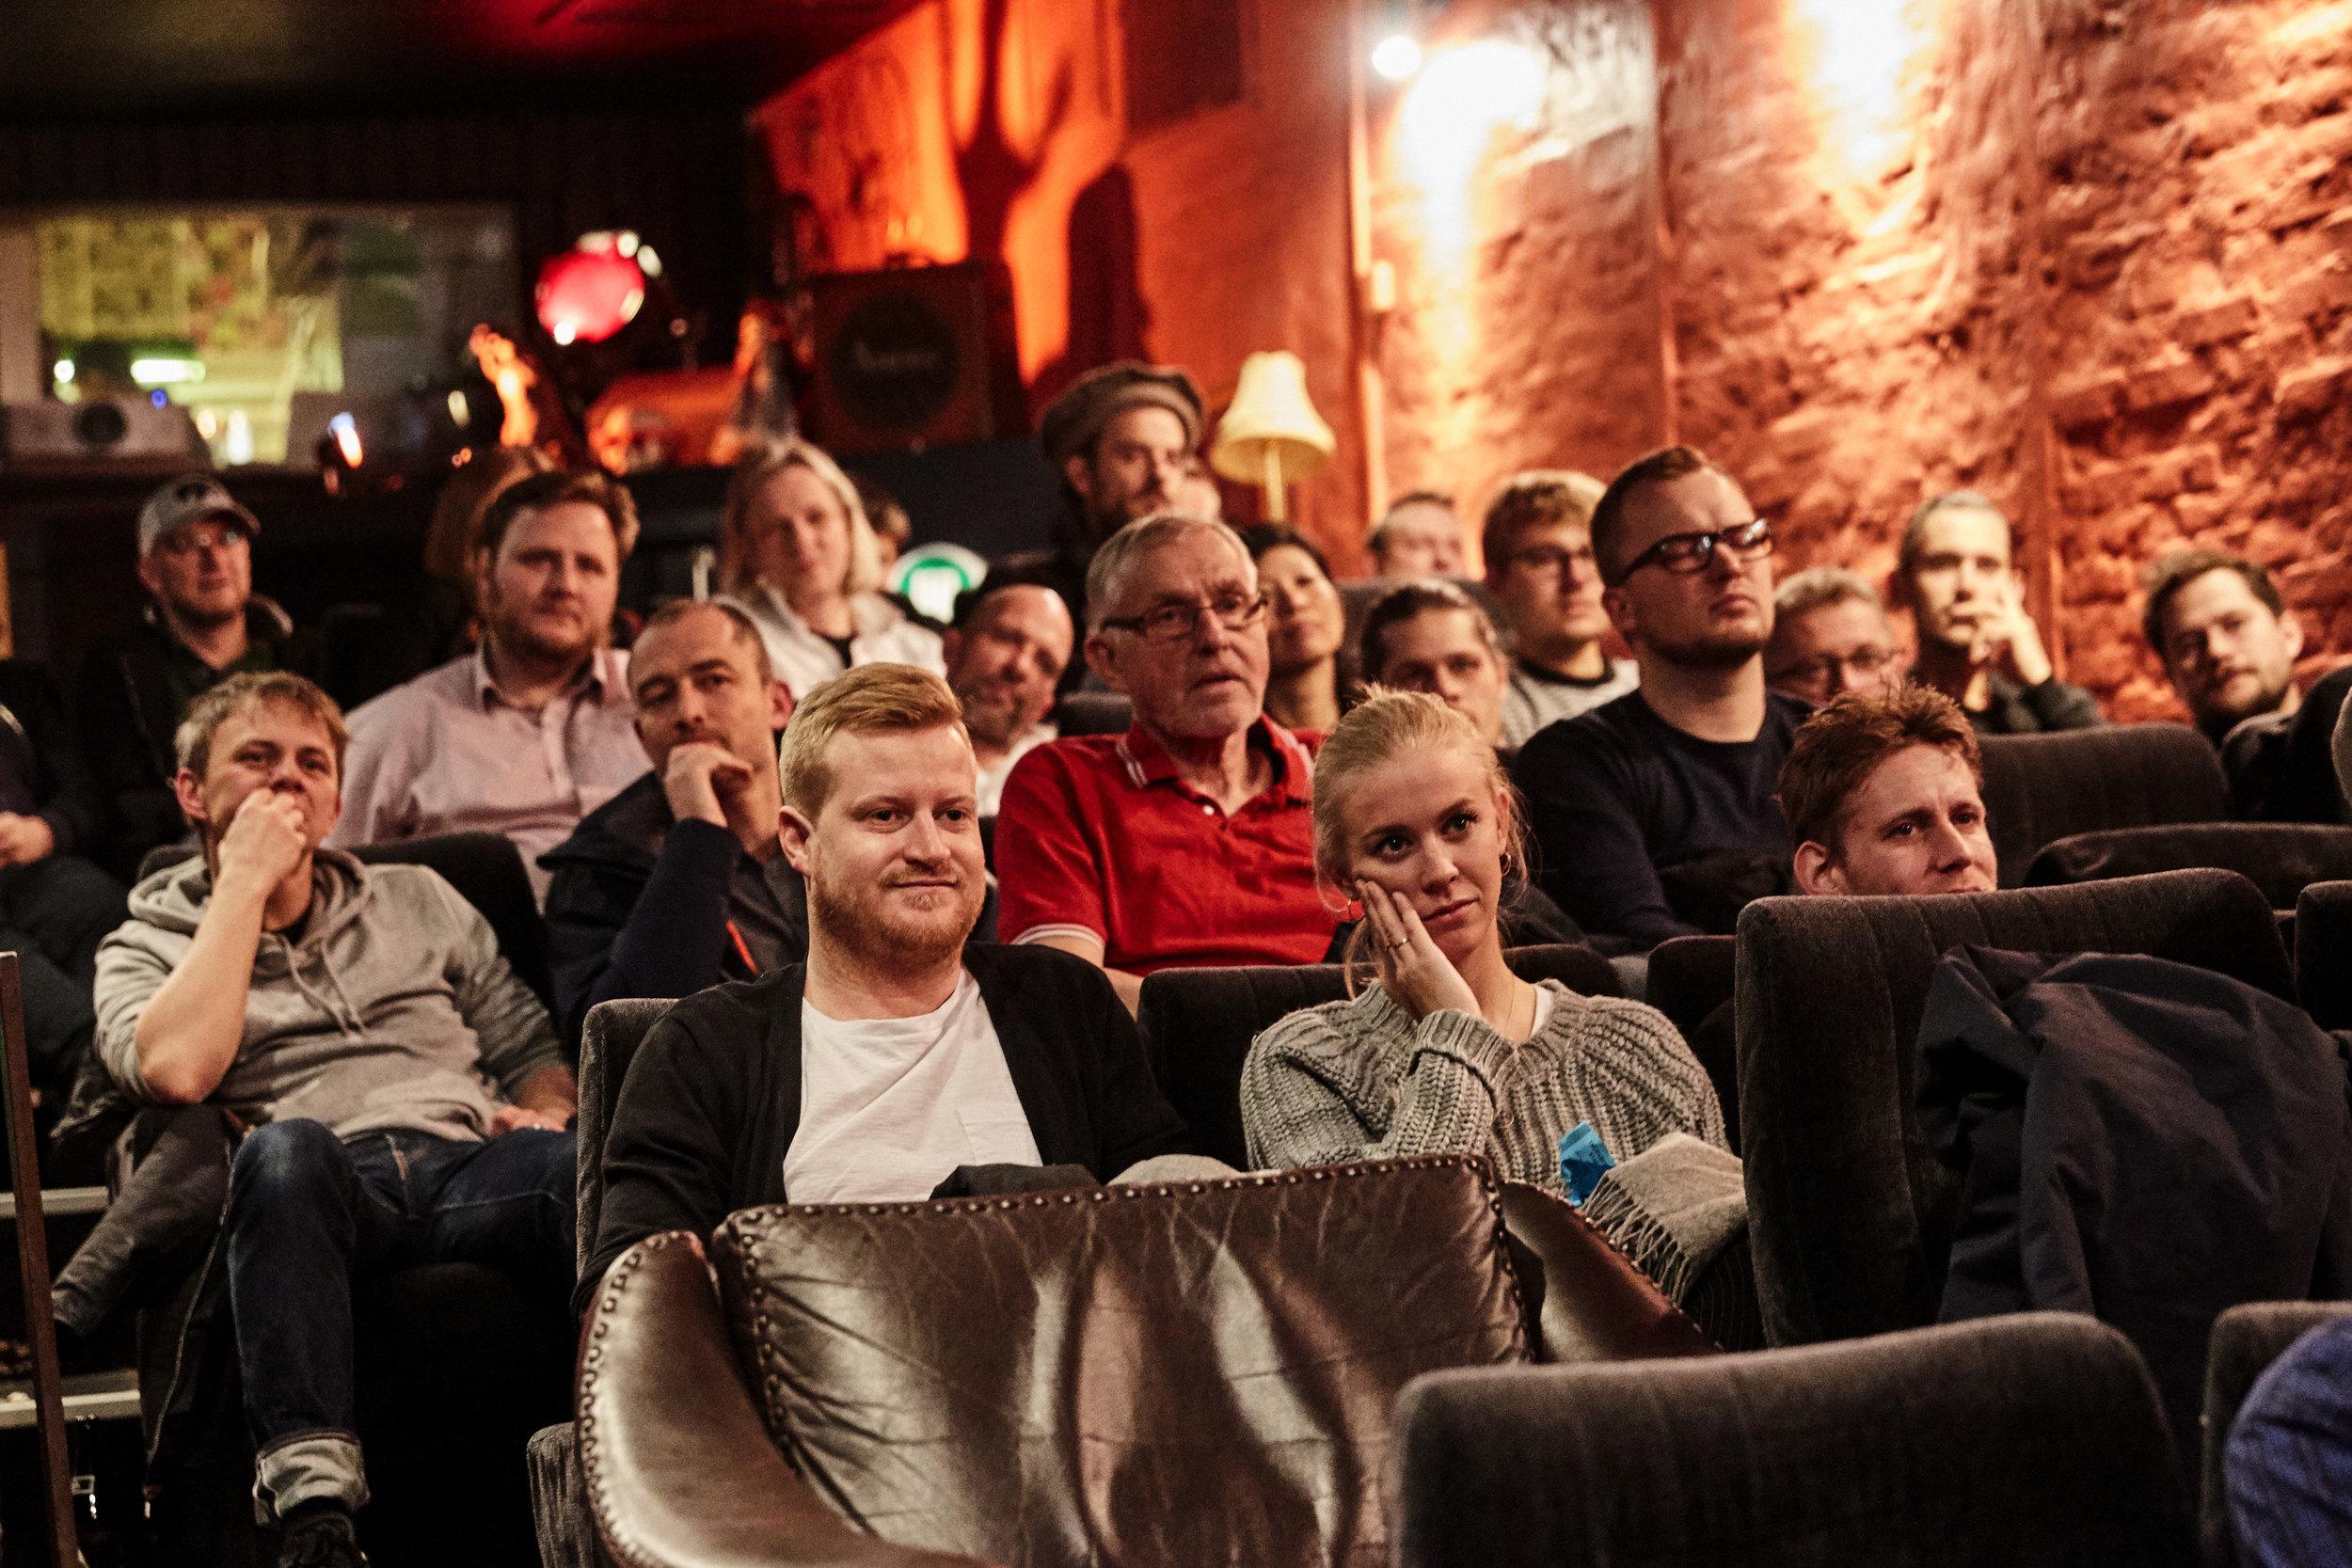 Husets Biograf var ramme om Shoot! festivalen 2018. Til marts 2019 afholdes Shoot! for anden gang i Husets Biograf. Foto: Klaus Sletting Jensen